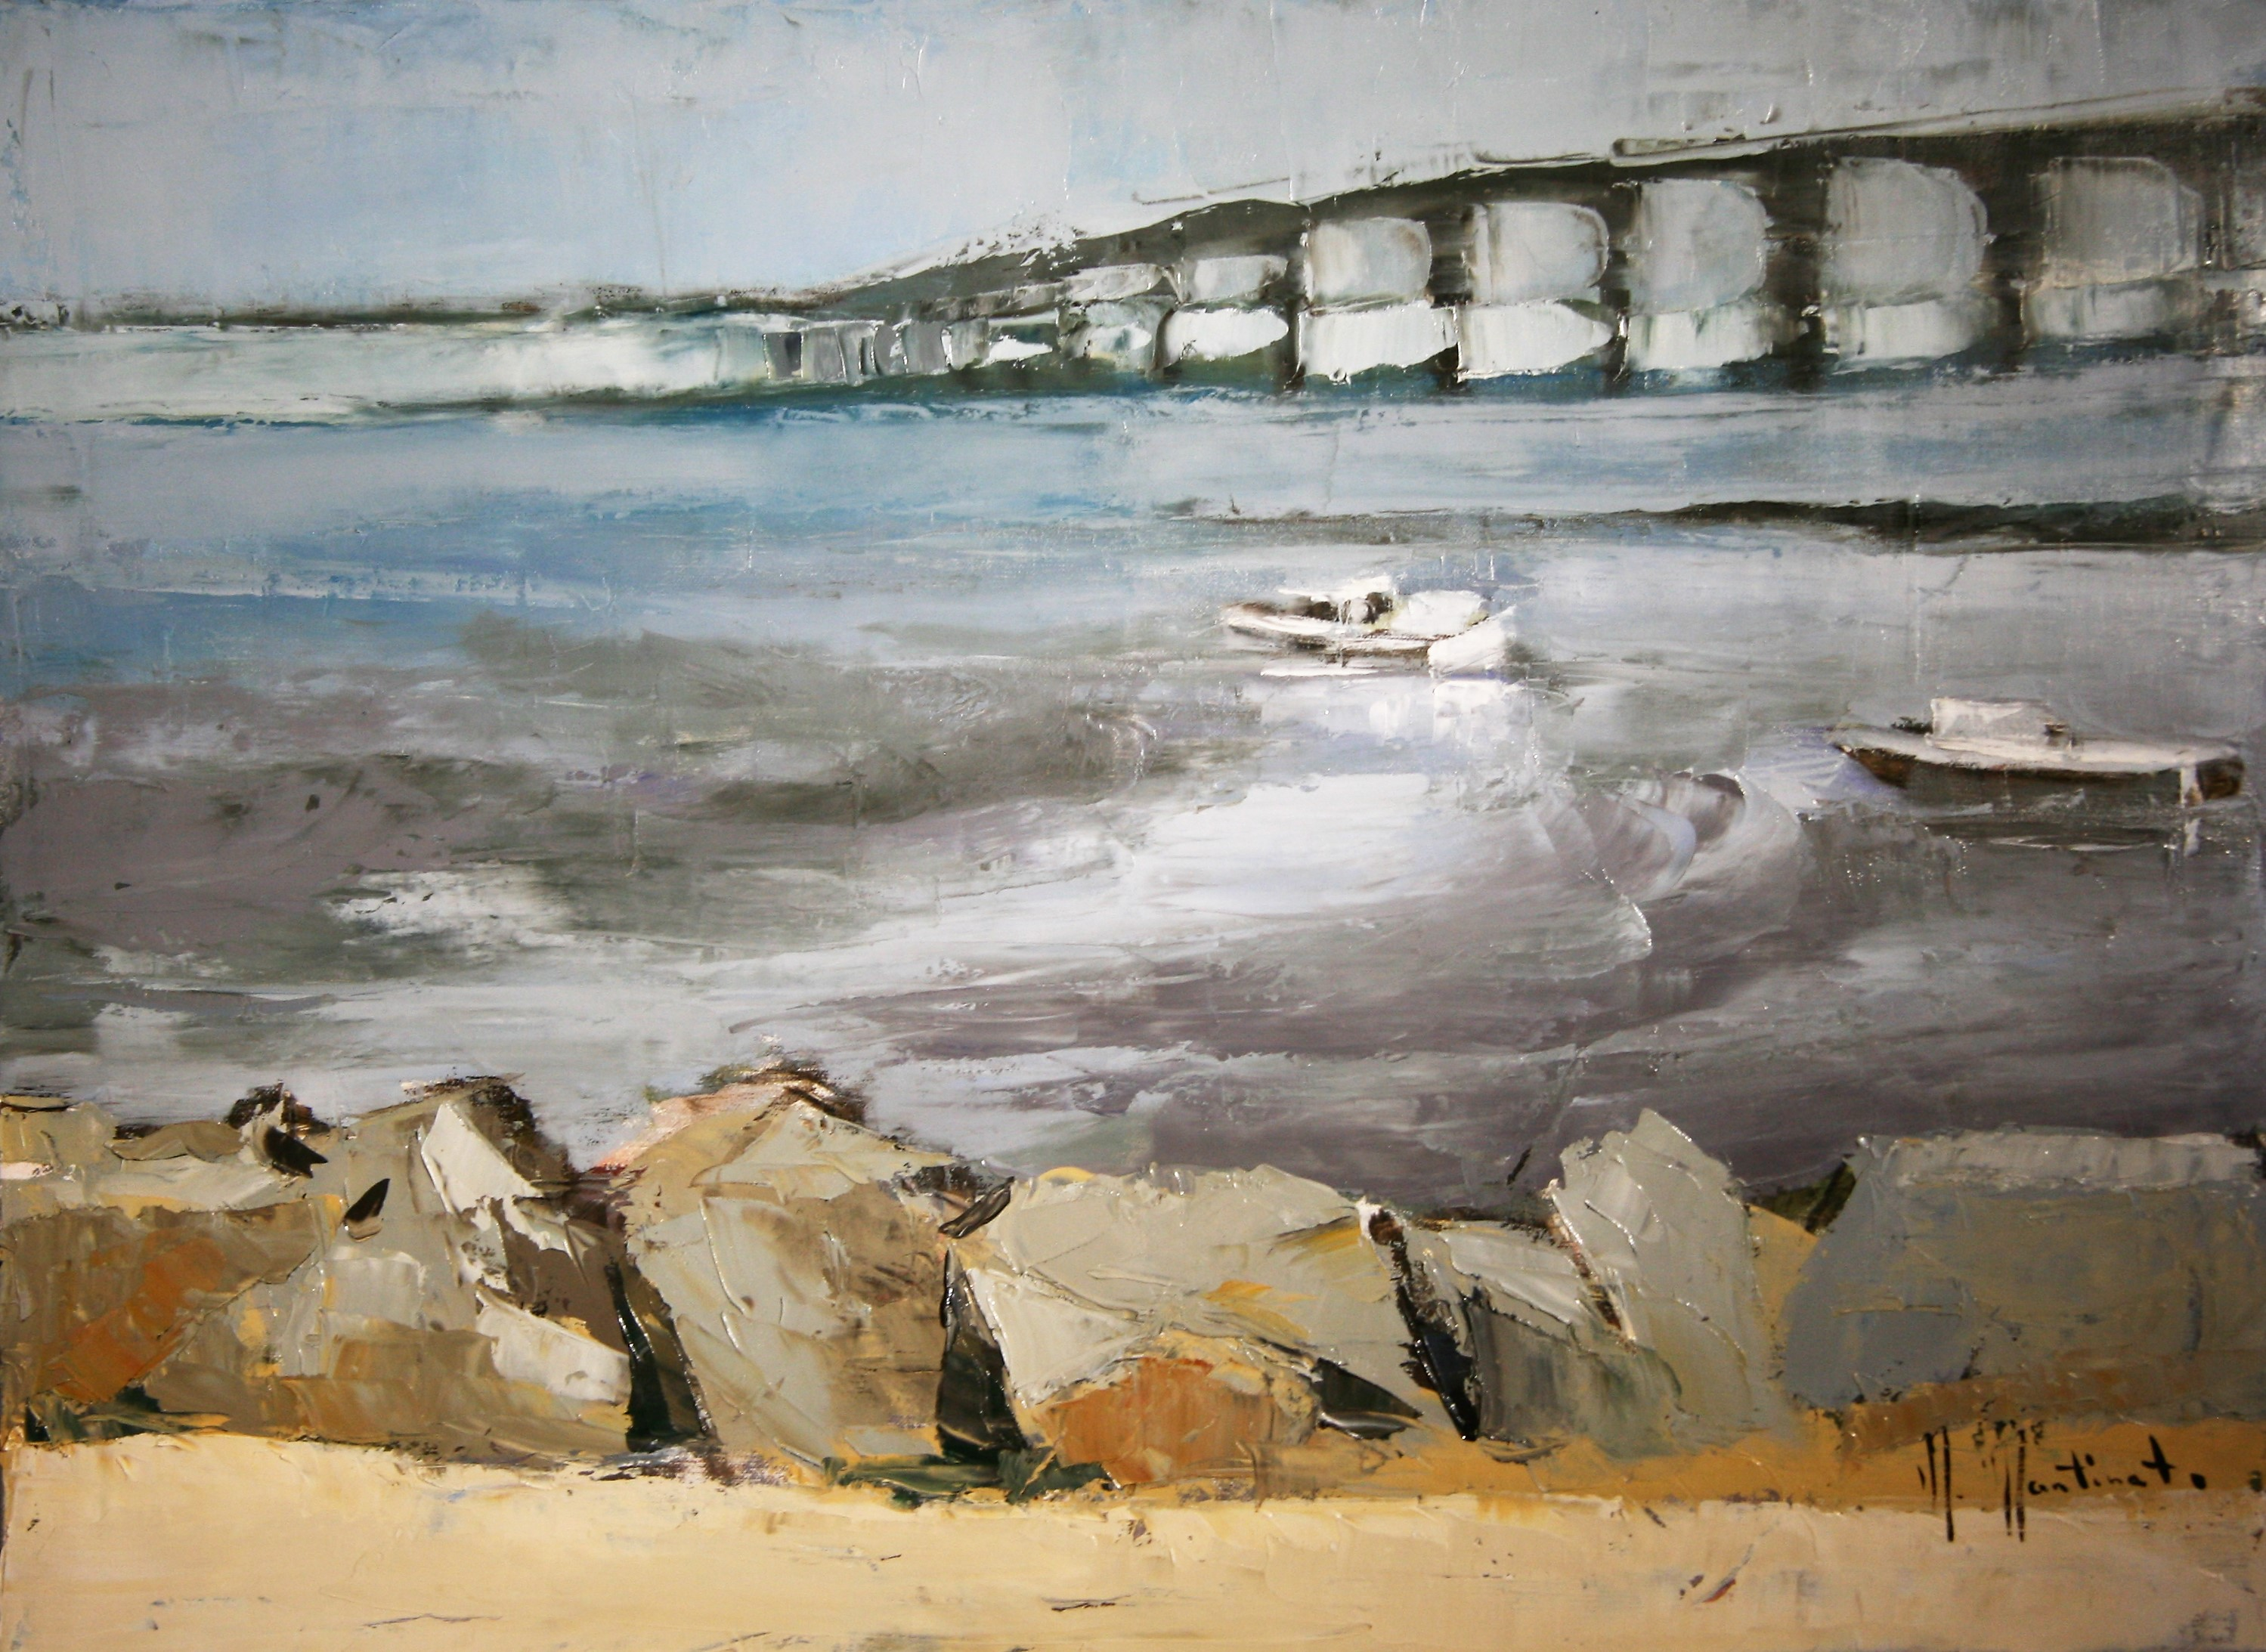 Le_pont_de_Ré,_54x73cm